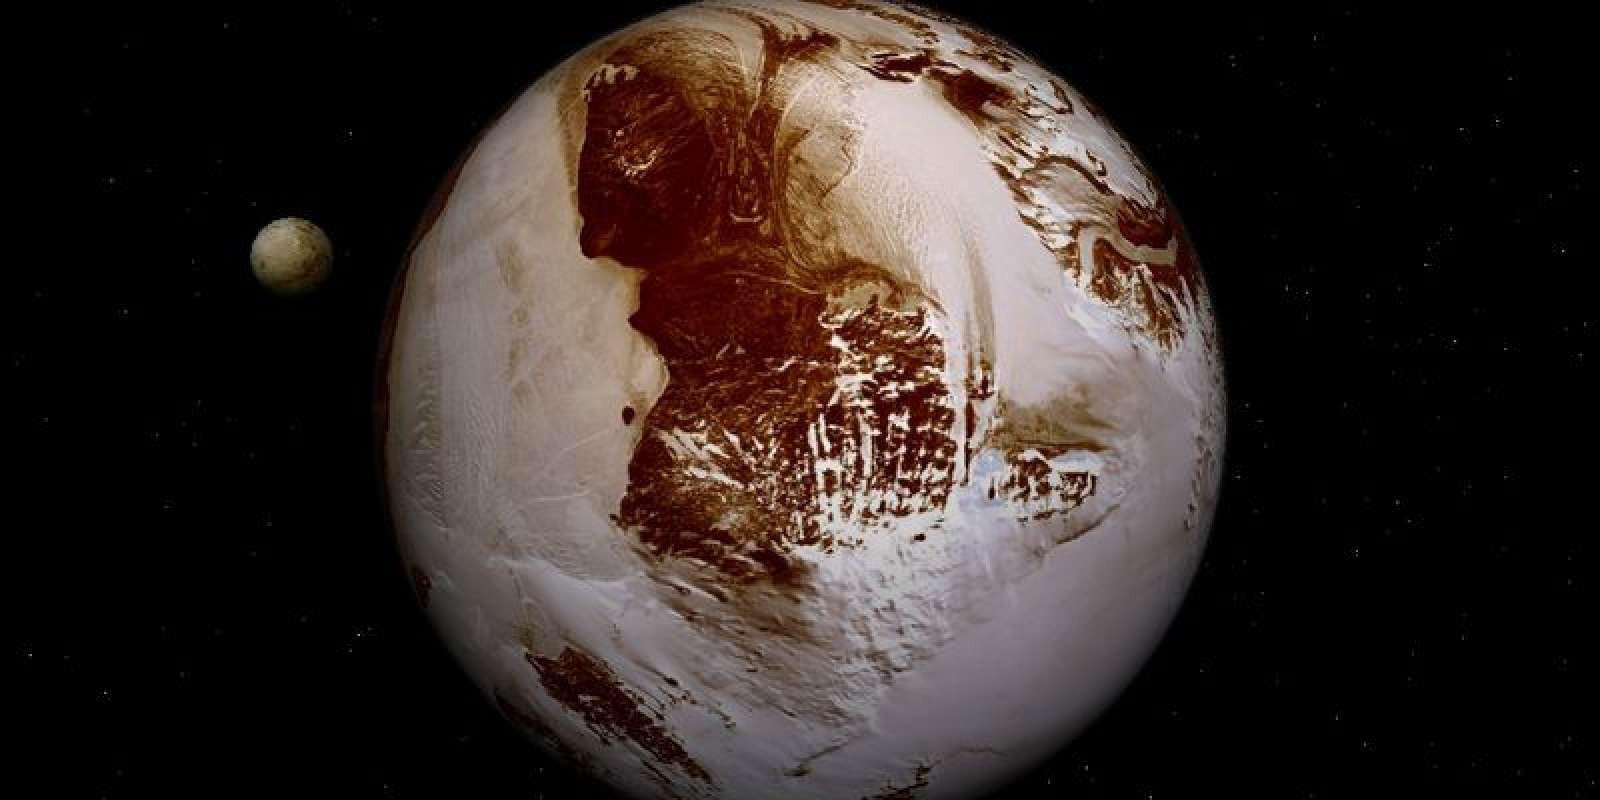 НаПлутоне найден город инопланетян, окотором умалчивали ученые— Очередная тайна NASA